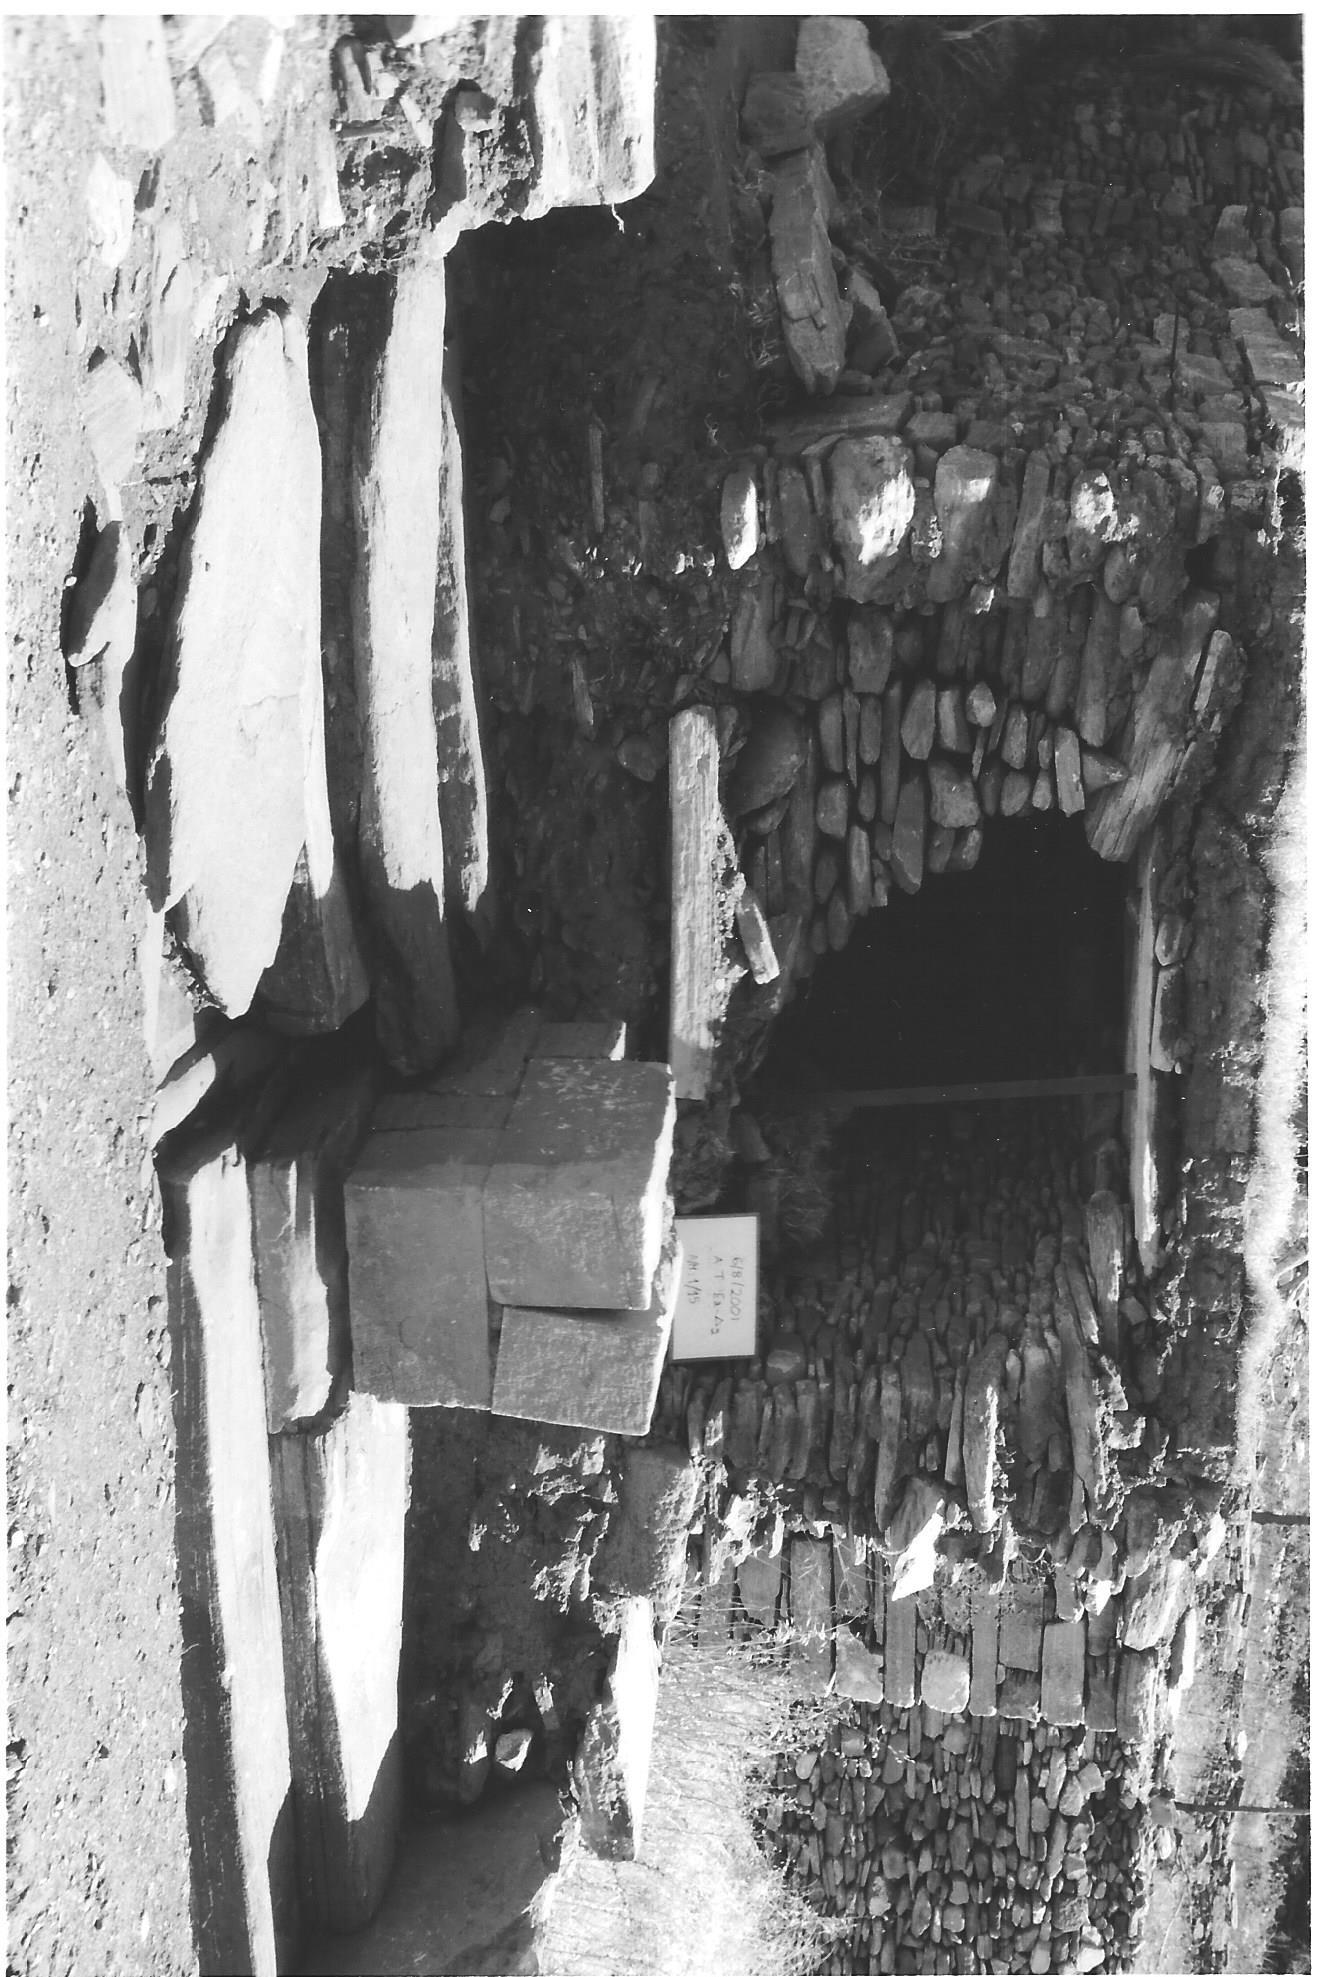 Ανασκαφή 2001, άνω άνδηρο, ο δυτικός τοίχος της στοάς Γ και ο δρόμος ΙΙ 001